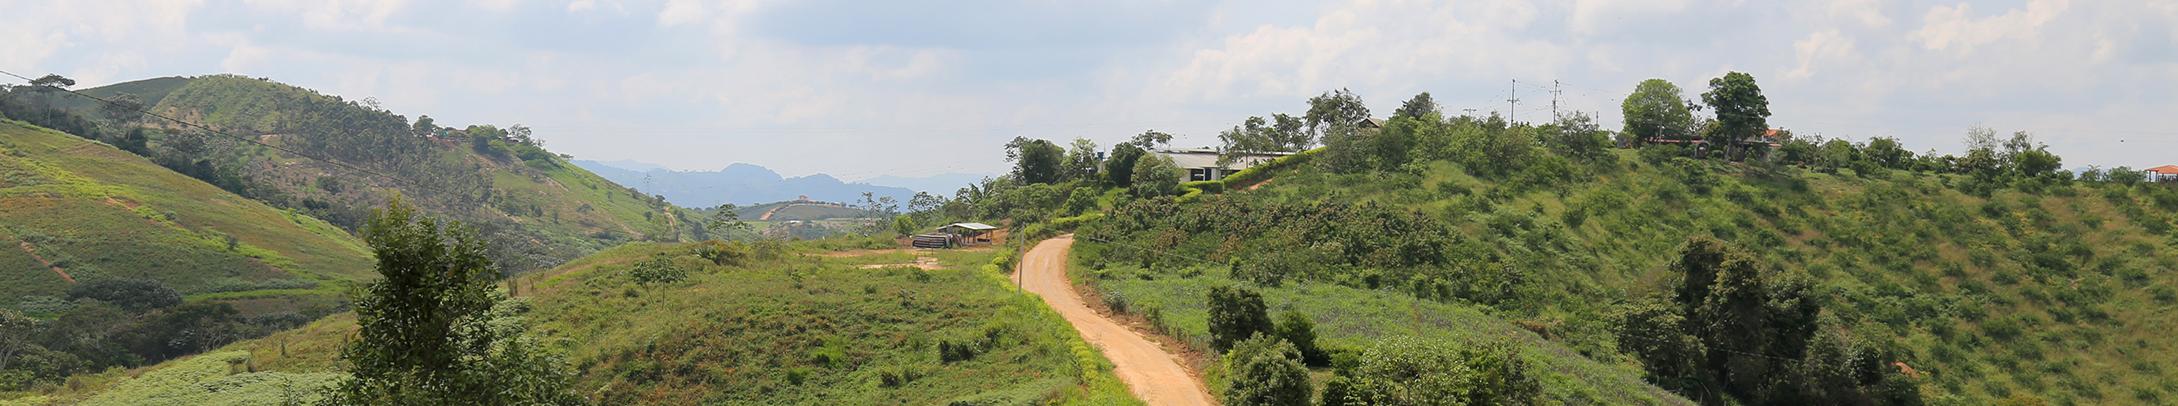 Grafica a lusiva a  Aprovechamiento de los productos forestales no maderables del bosque, como una estrategia de reconciliación amazónica